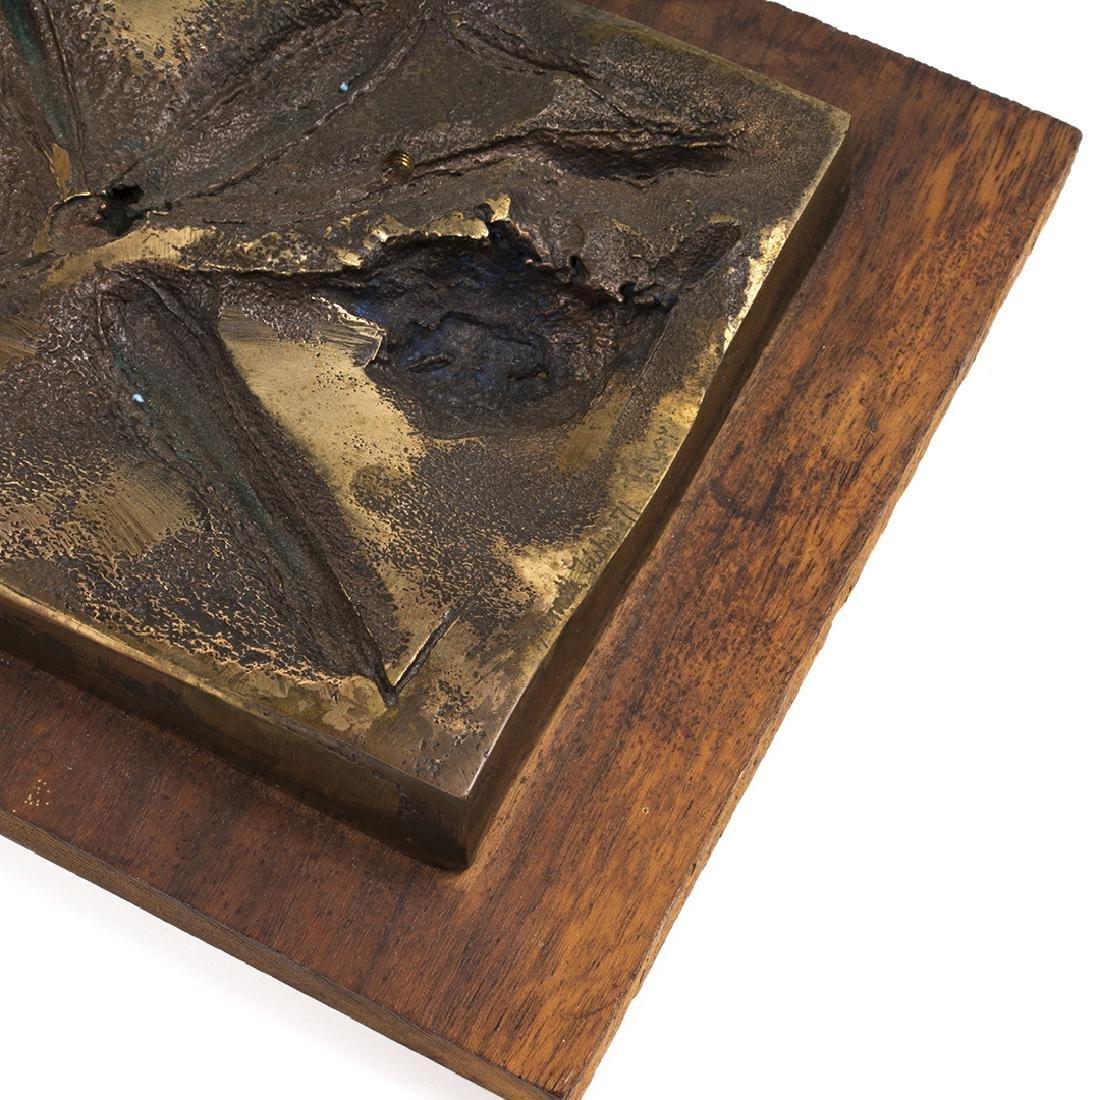 Kenneth Fisher bronze sculpture - 3